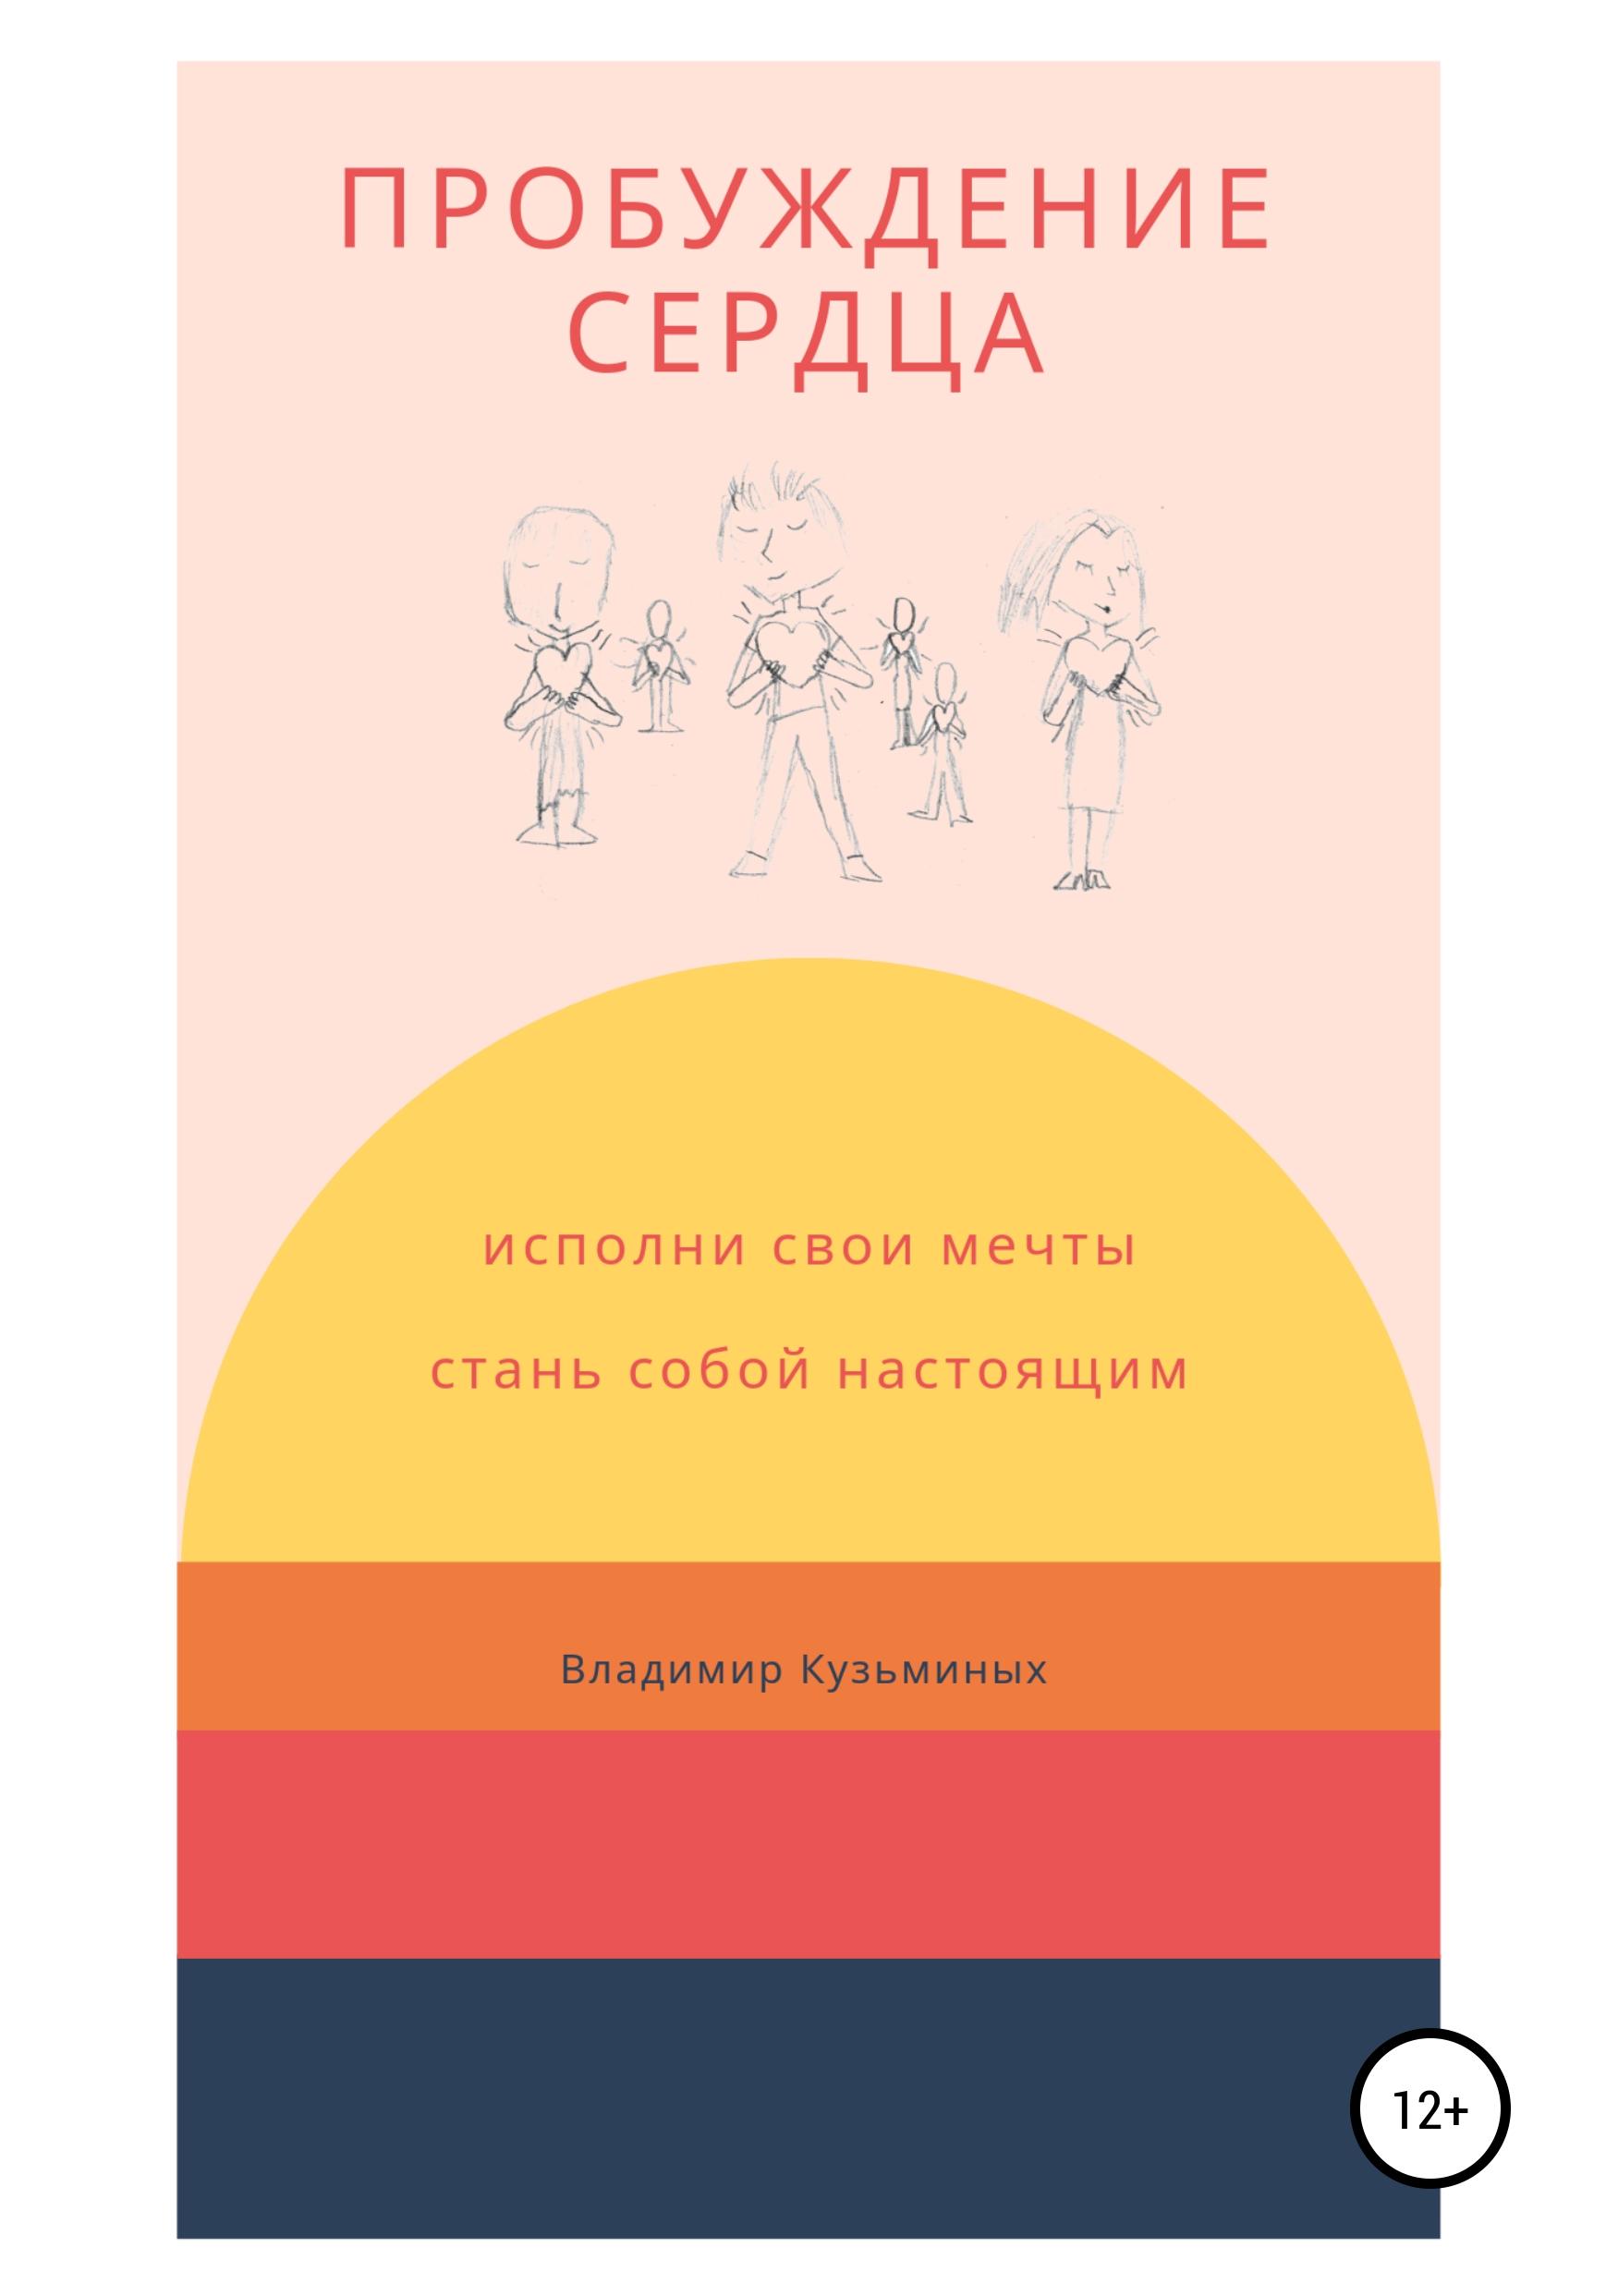 Купить книгу Пробуждение сердца, автора Владимира Кузьминых